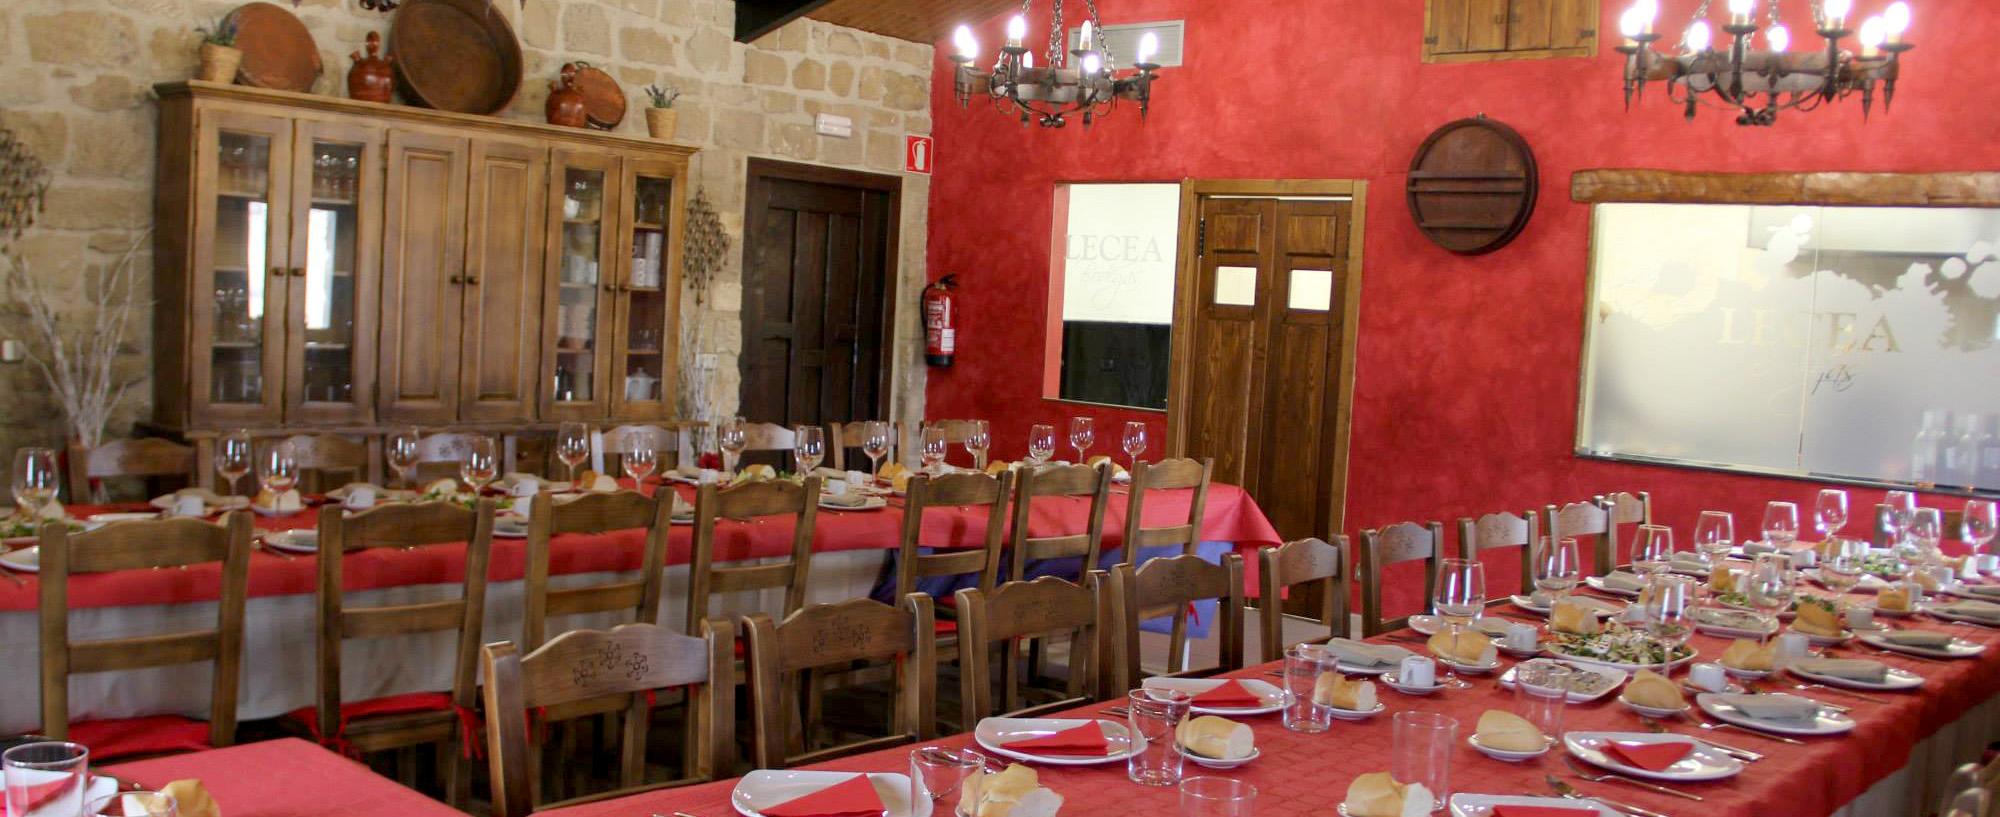 Salón comedor en Bodegas Lecea